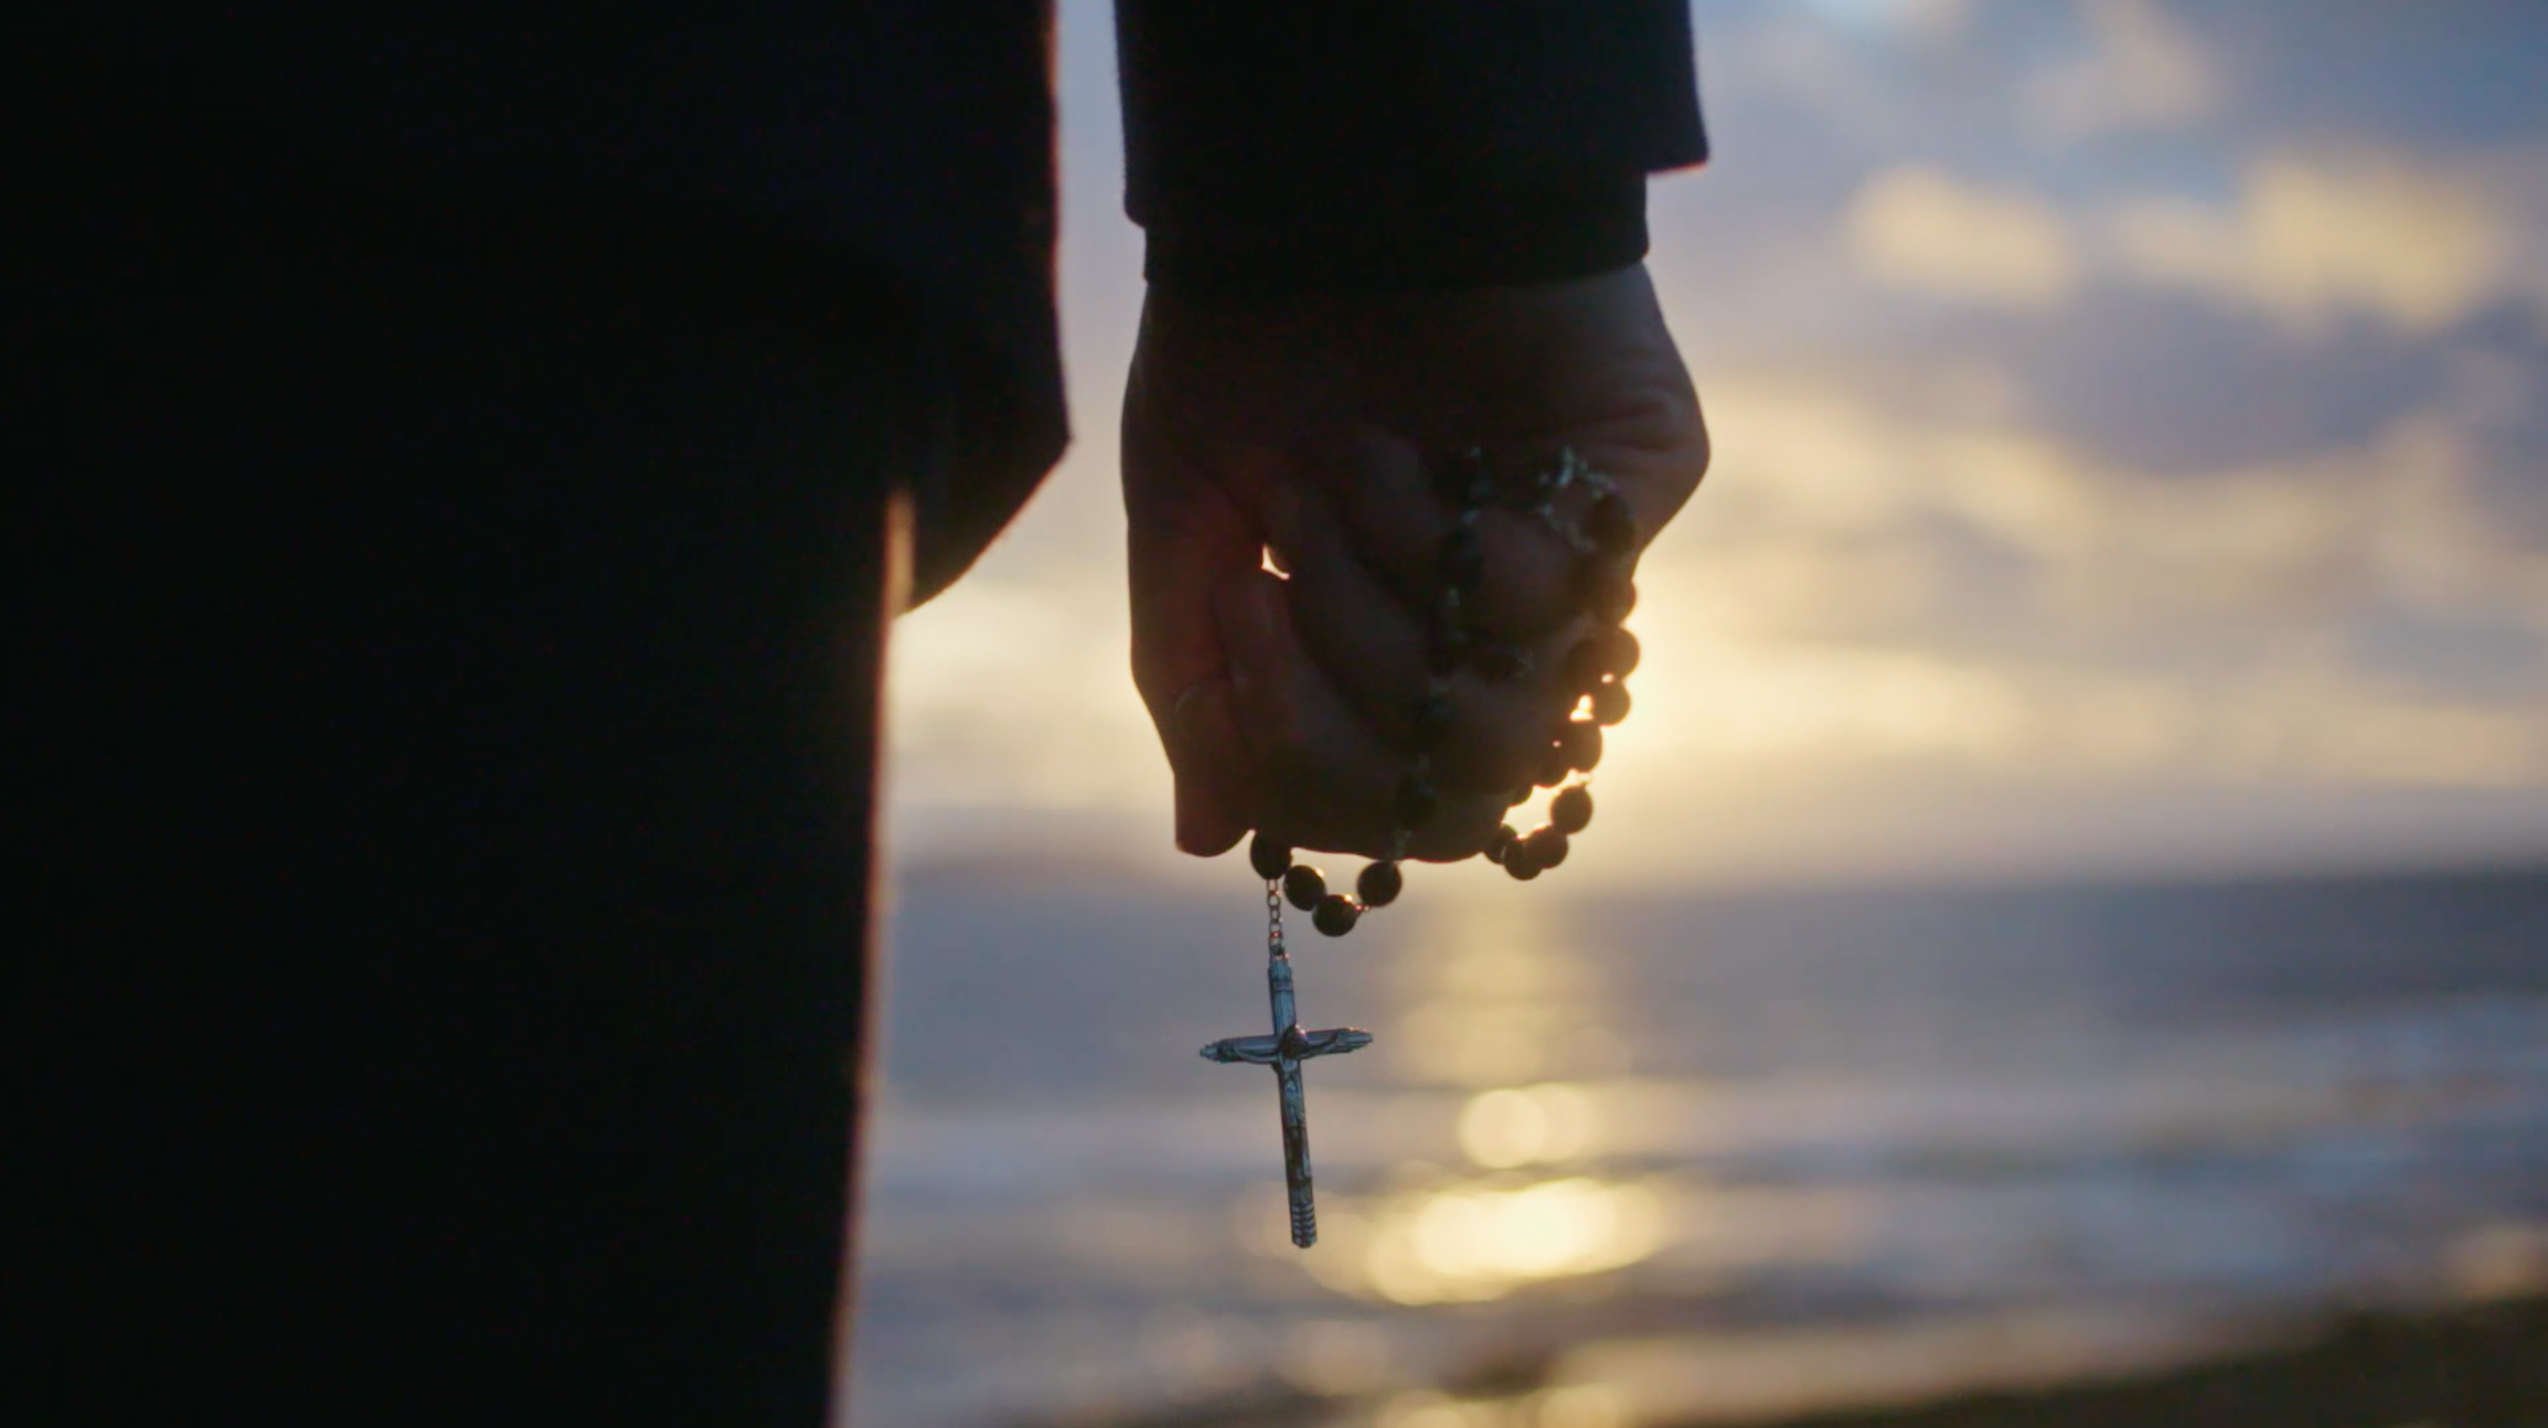 Peyton_Nephew Pat Peyton Rosary in hand 2_PRAY